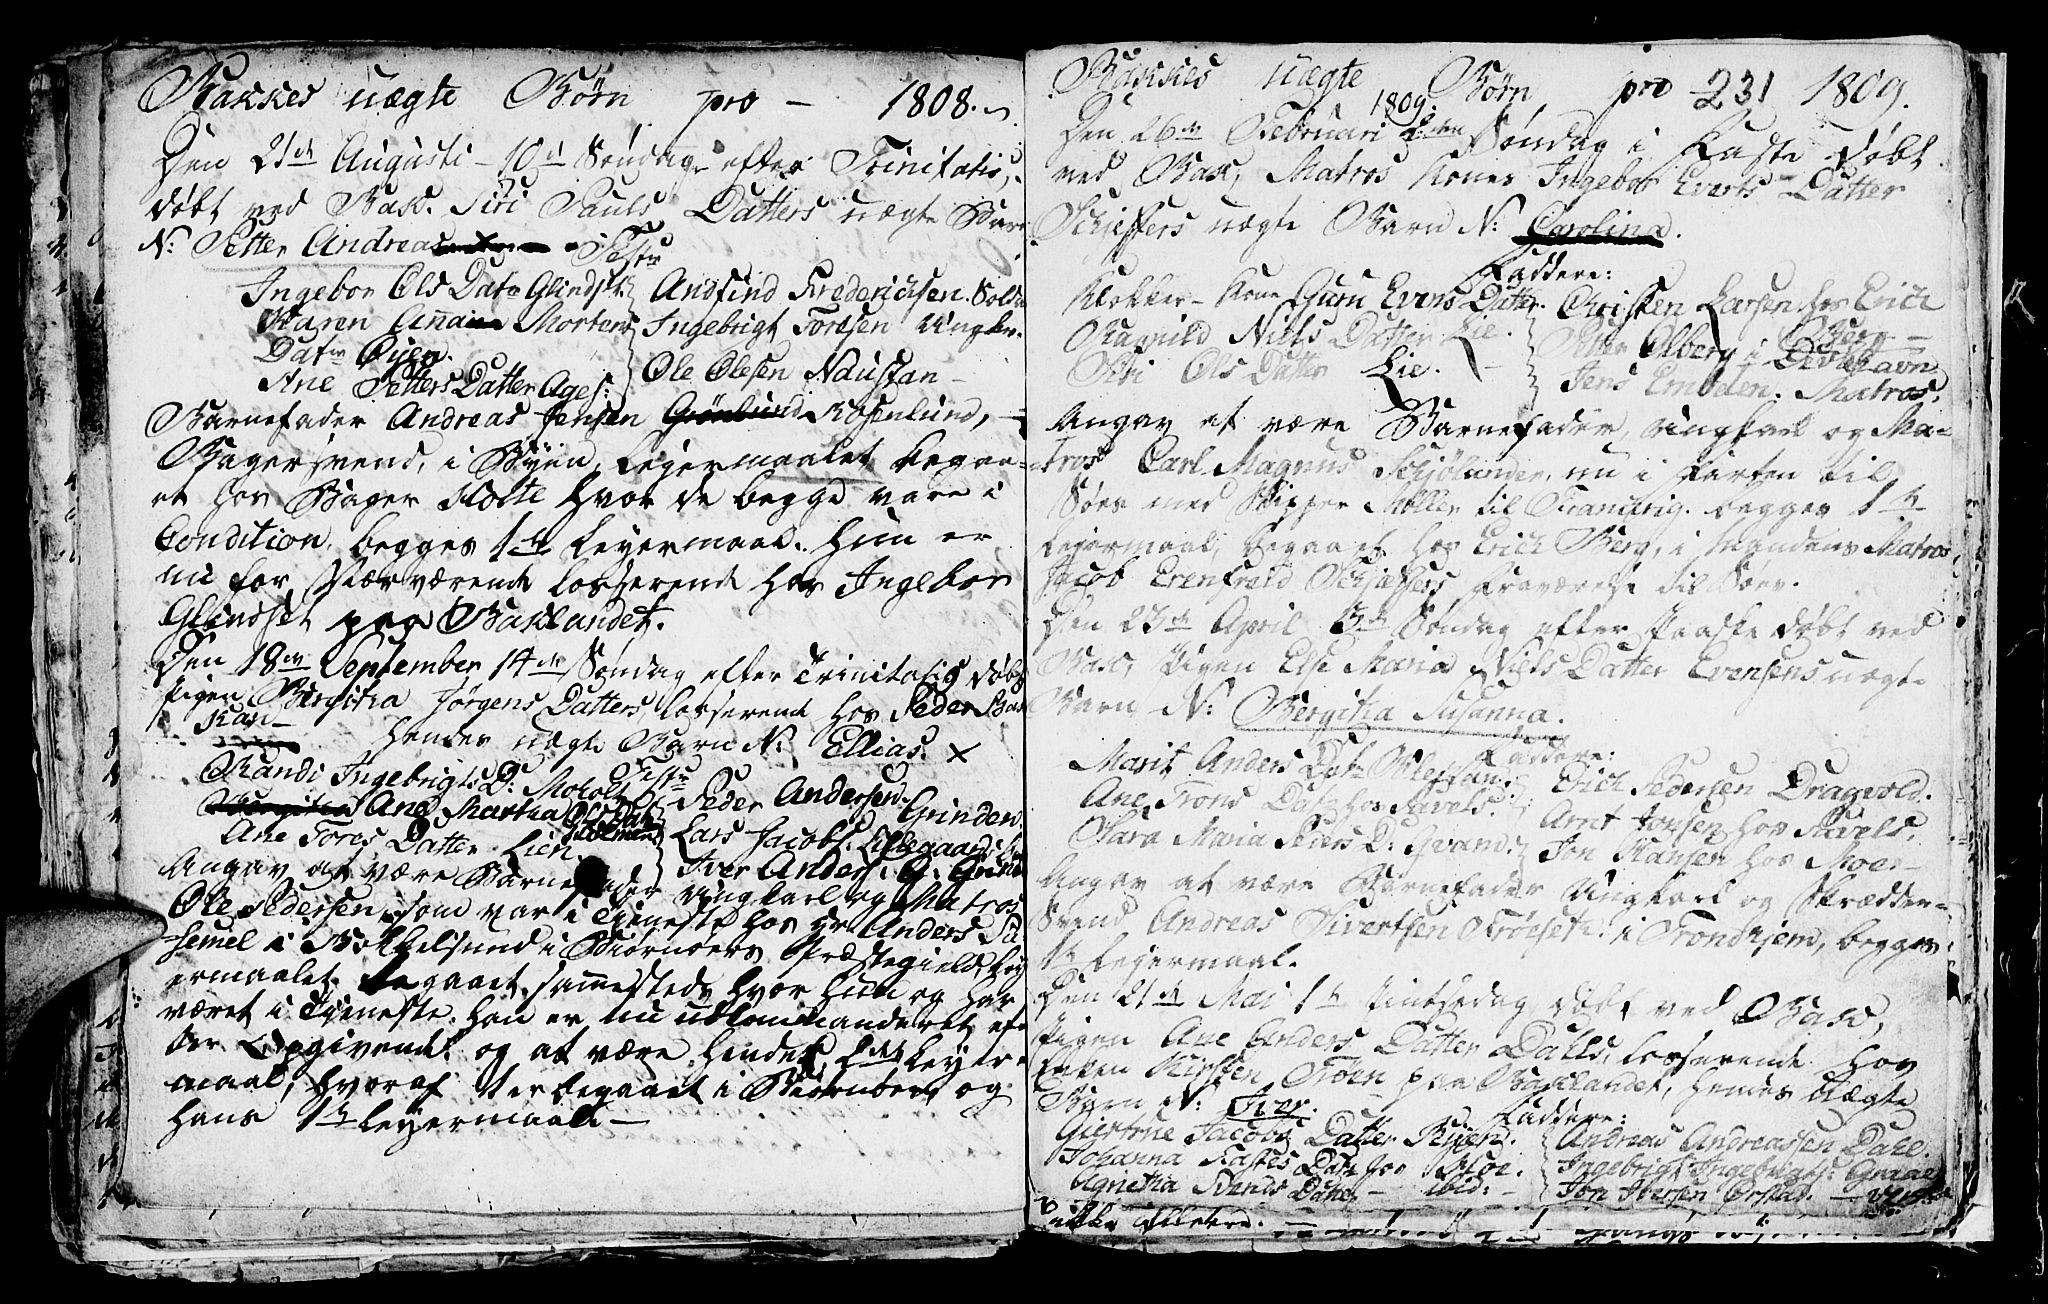 SAT, Ministerialprotokoller, klokkerbøker og fødselsregistre - Sør-Trøndelag, 604/L0218: Klokkerbok nr. 604C01, 1754-1819, s. 231